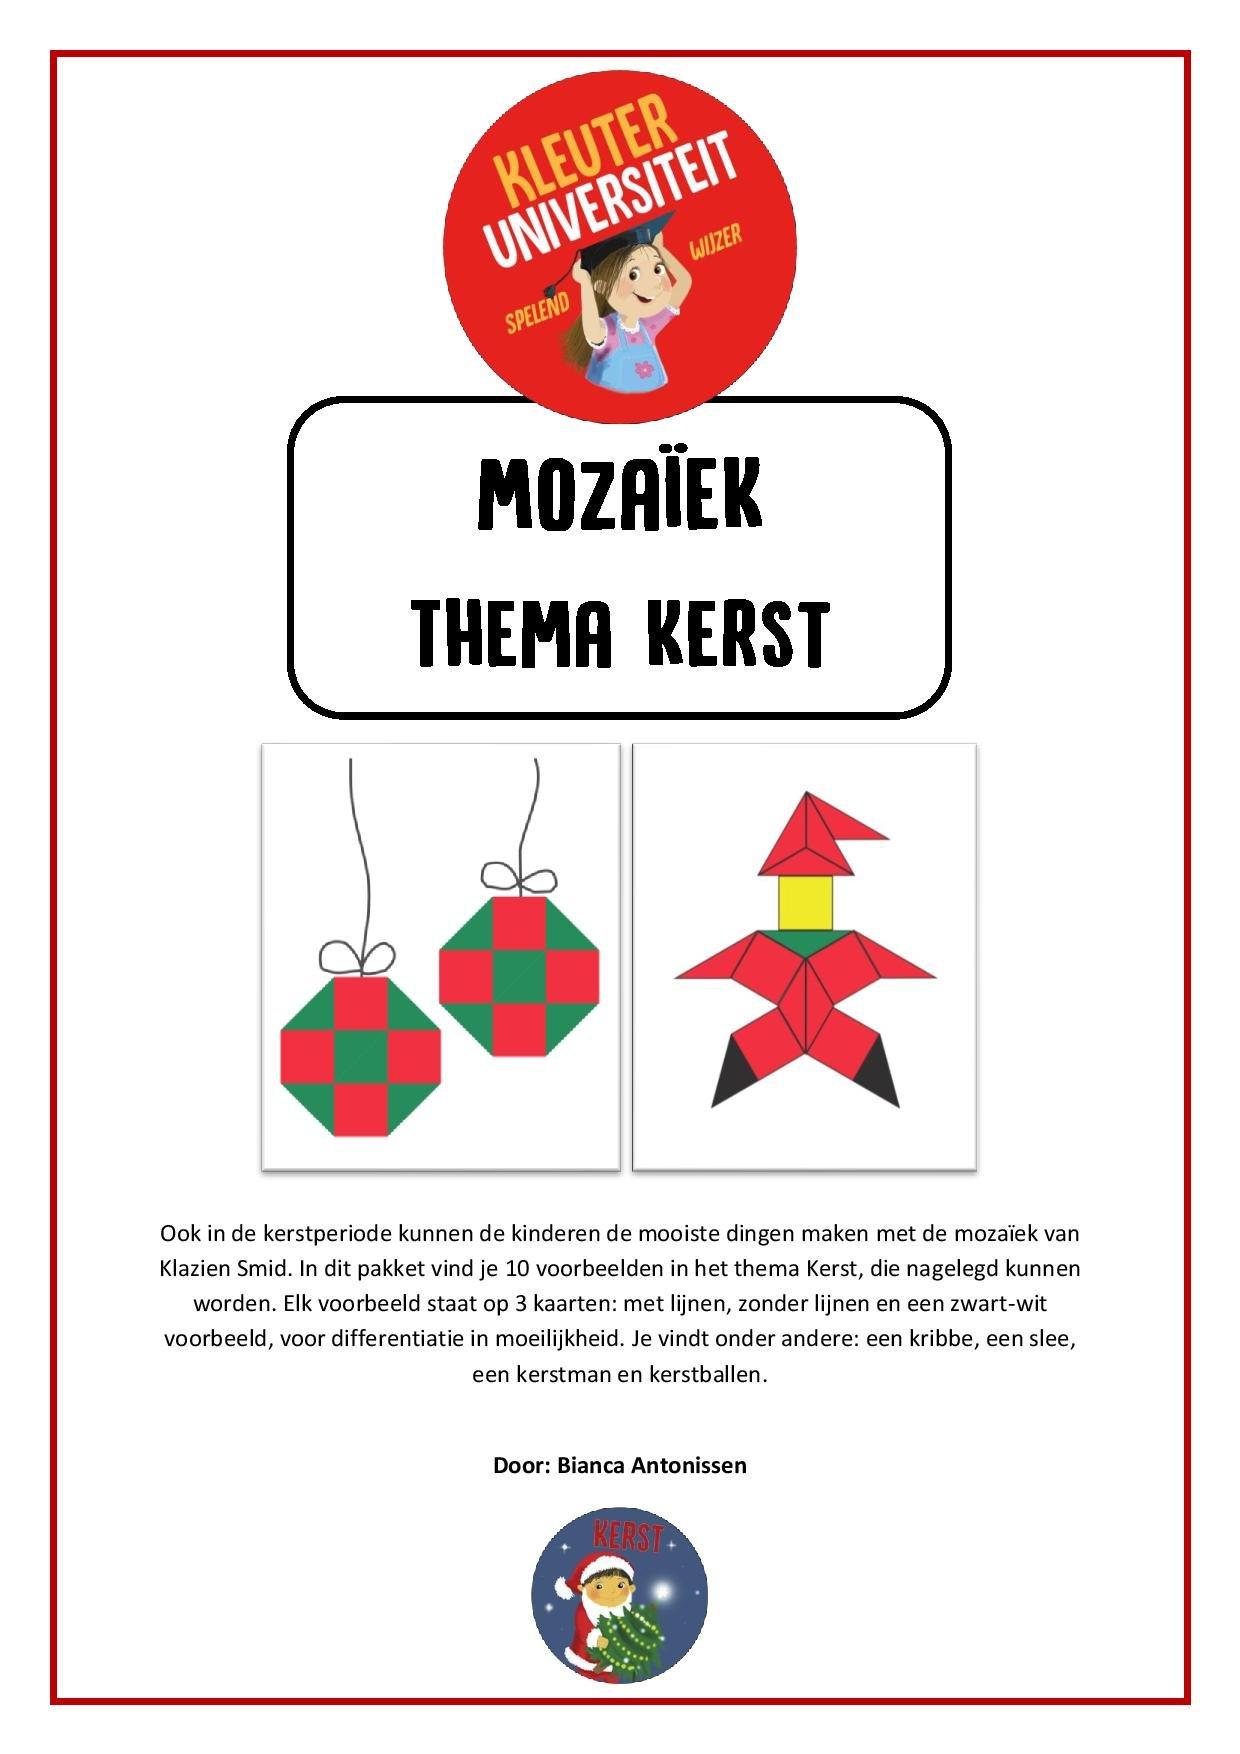 Kerst mozaïek voorbeelden - Juf Bianca bij Kleuteruniversiteit